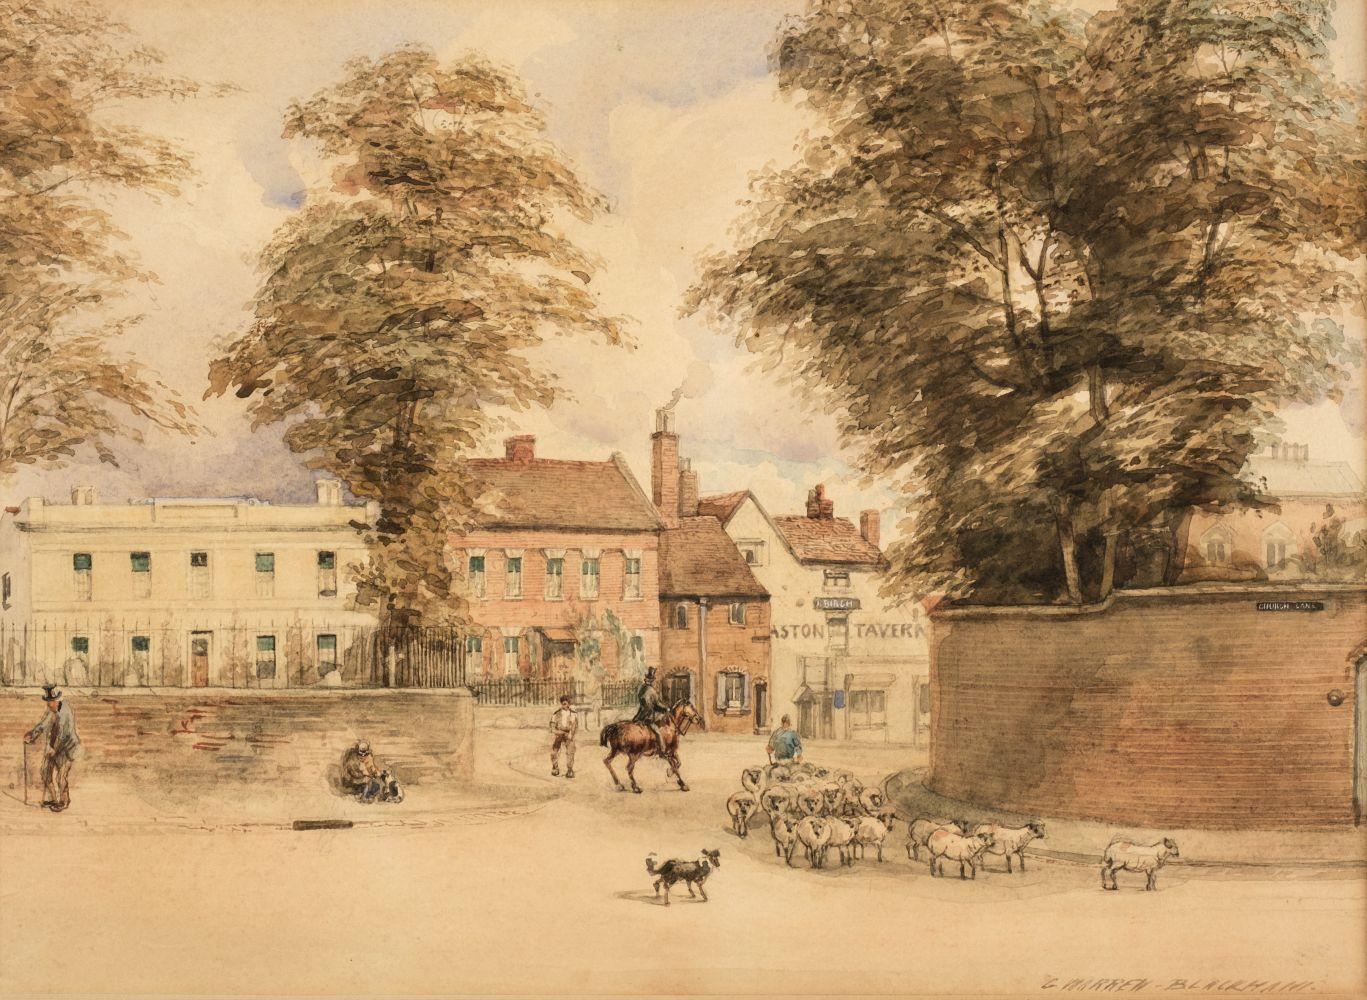 * Blackham (George Warren, active1888-1906). Scenes of Birmingham